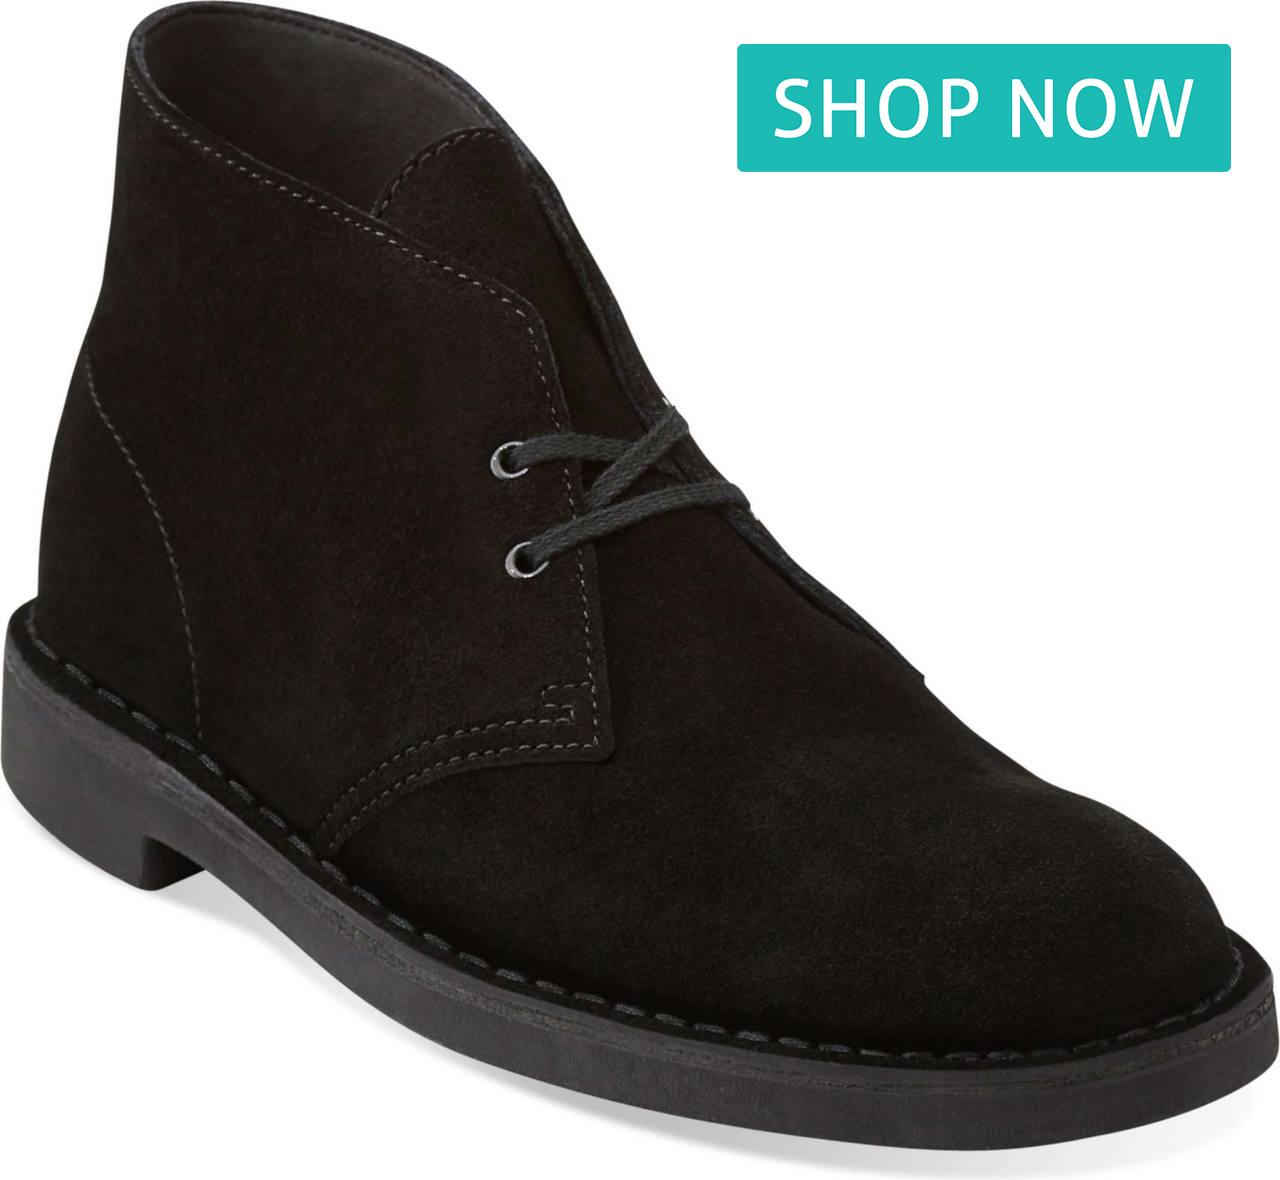 55a418aada8 Product Spotlight: Clarks Desert Boot - Englin's Fine Footwear